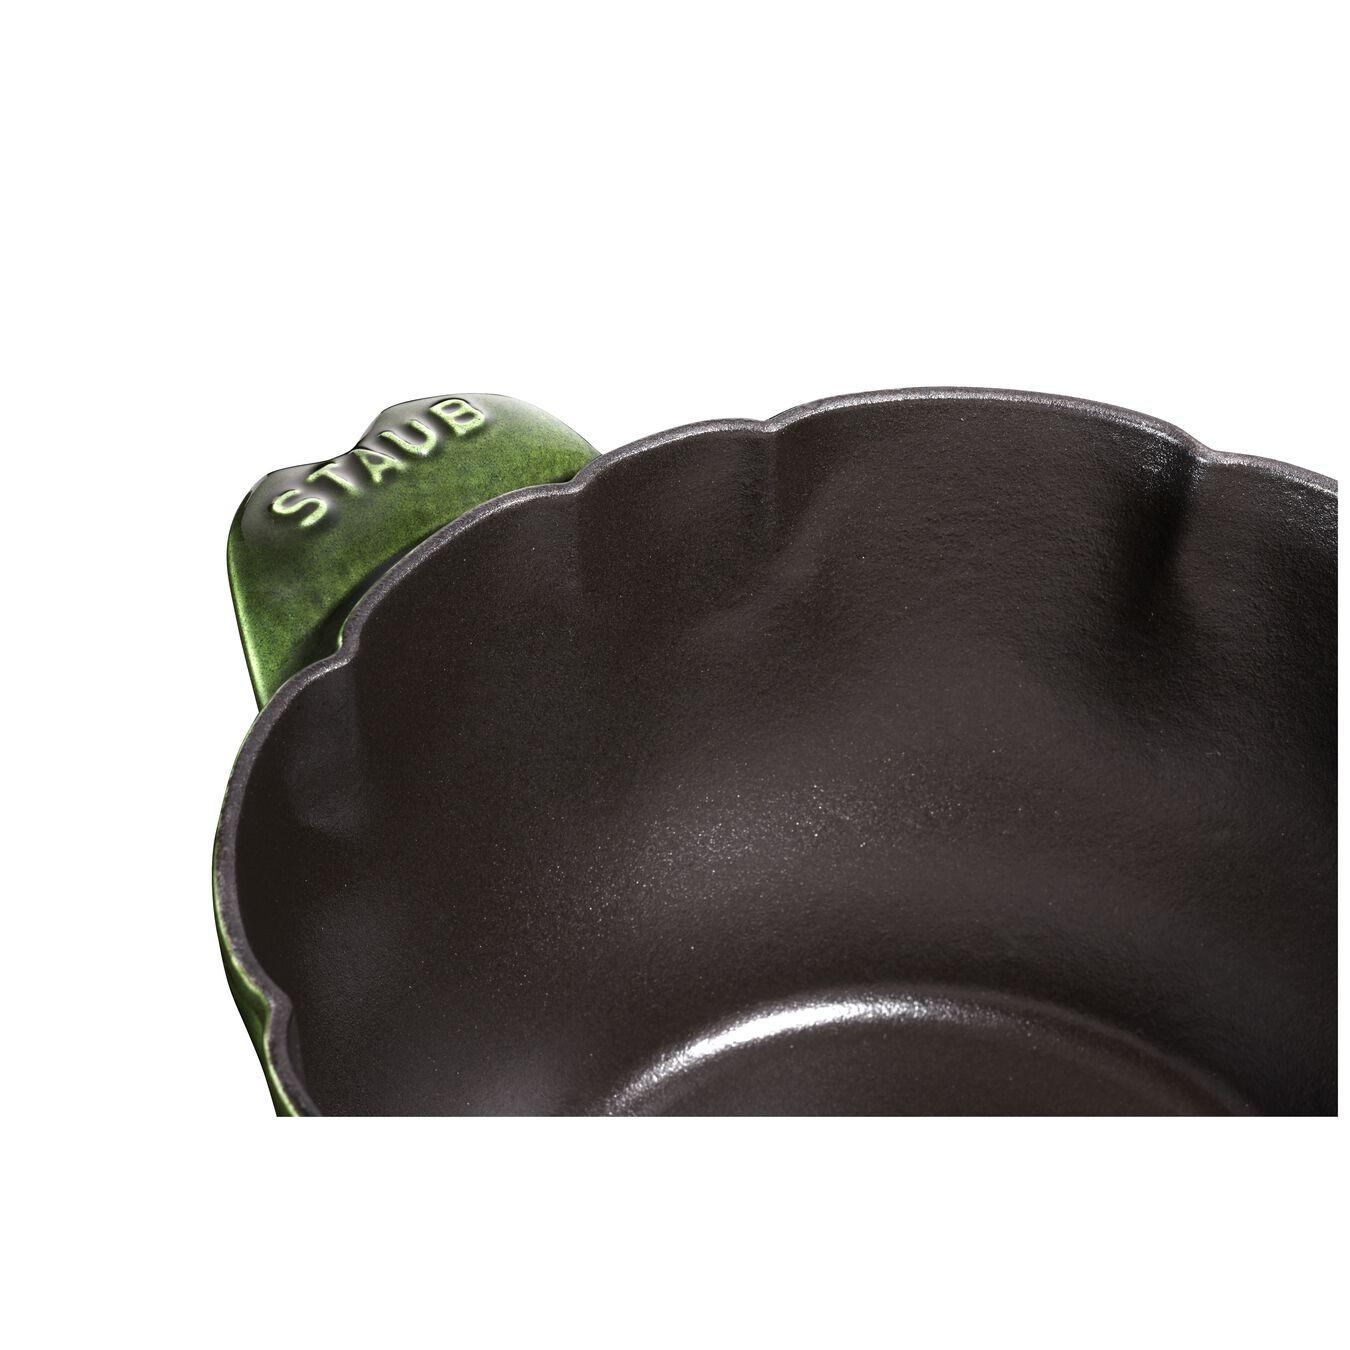 3 l Cast iron artichoke Cocotte, Basil-Green,,large 3